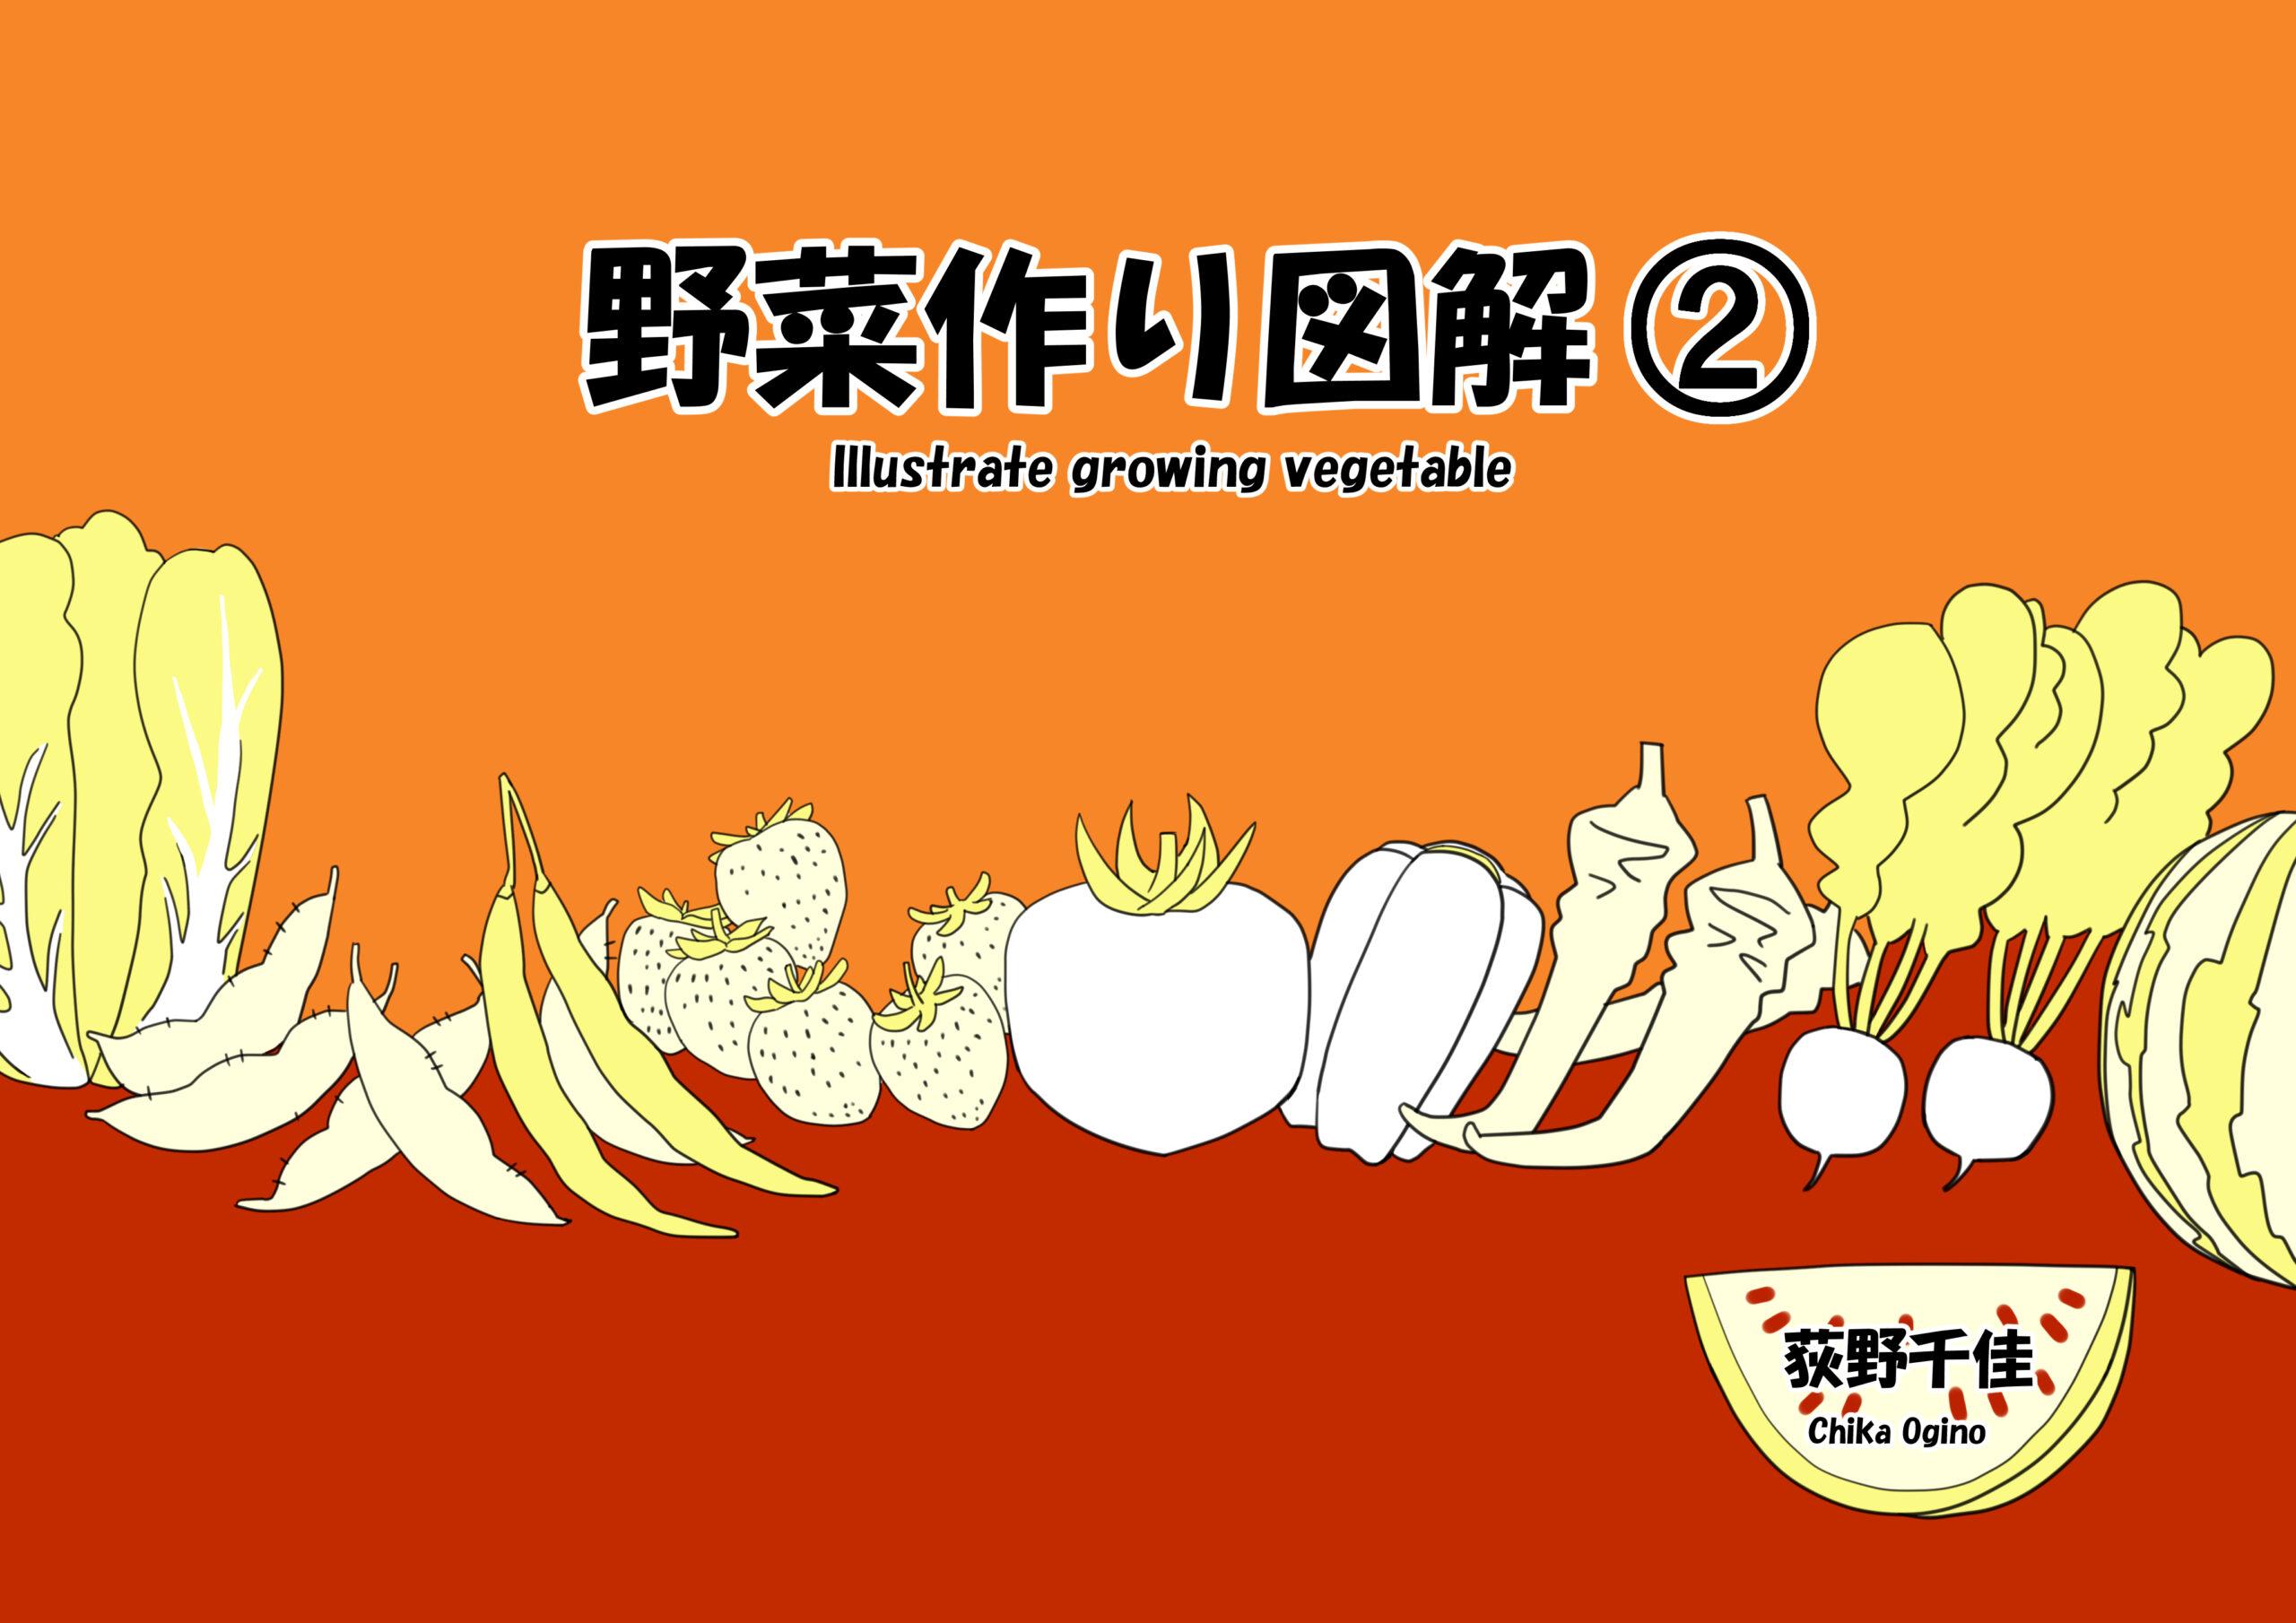 【野菜作り図解①②】通販開始&博物ふぇすてぃばる!7に出展しました!